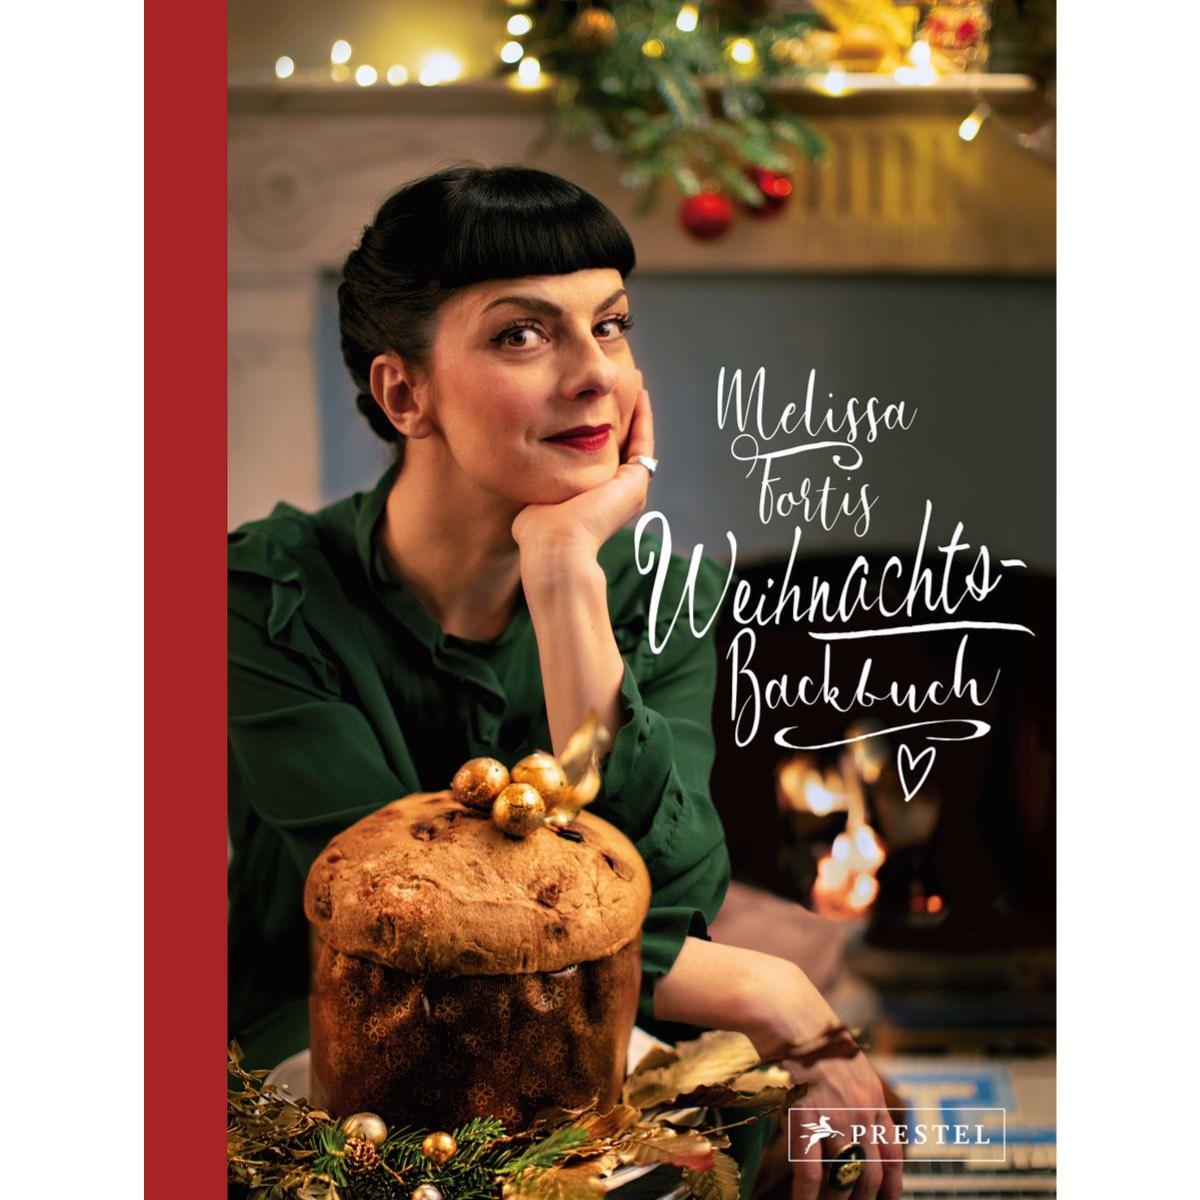 Titel Weihnachtskochbuch Melissa Fortis